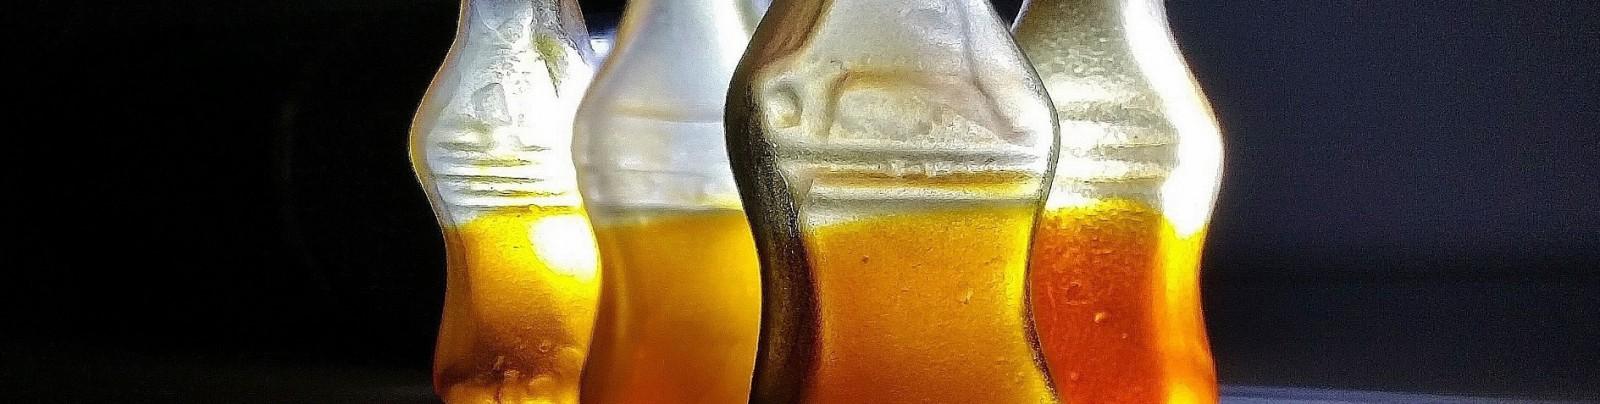 Helpt cola tegen mijn misselijkheid?